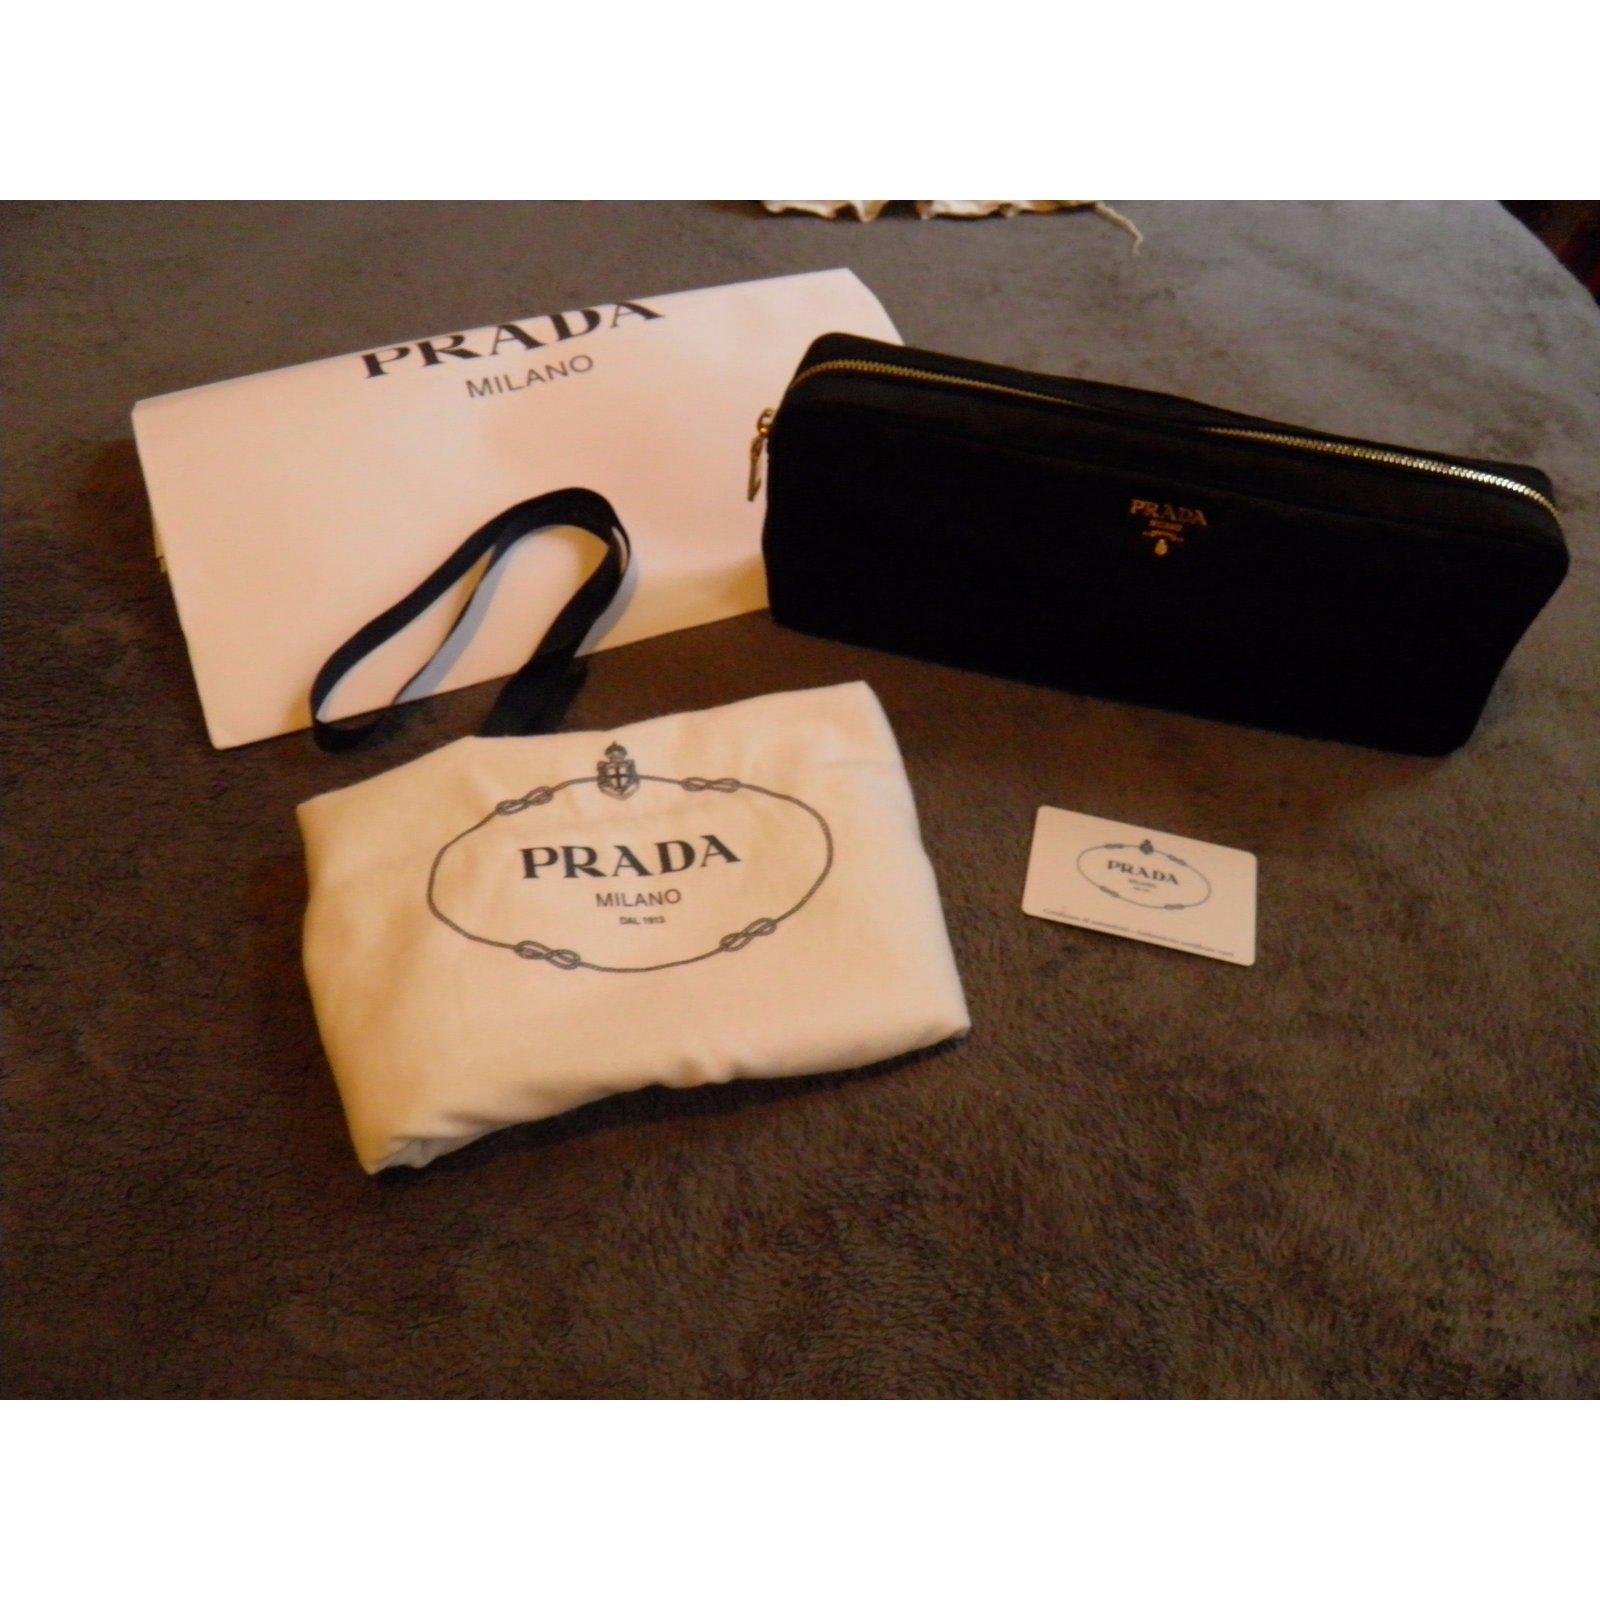 a3aa4305612cd ... spain prada clutch bags clutch bags satin black ref.54112 joli closet  3c4fa 0138e